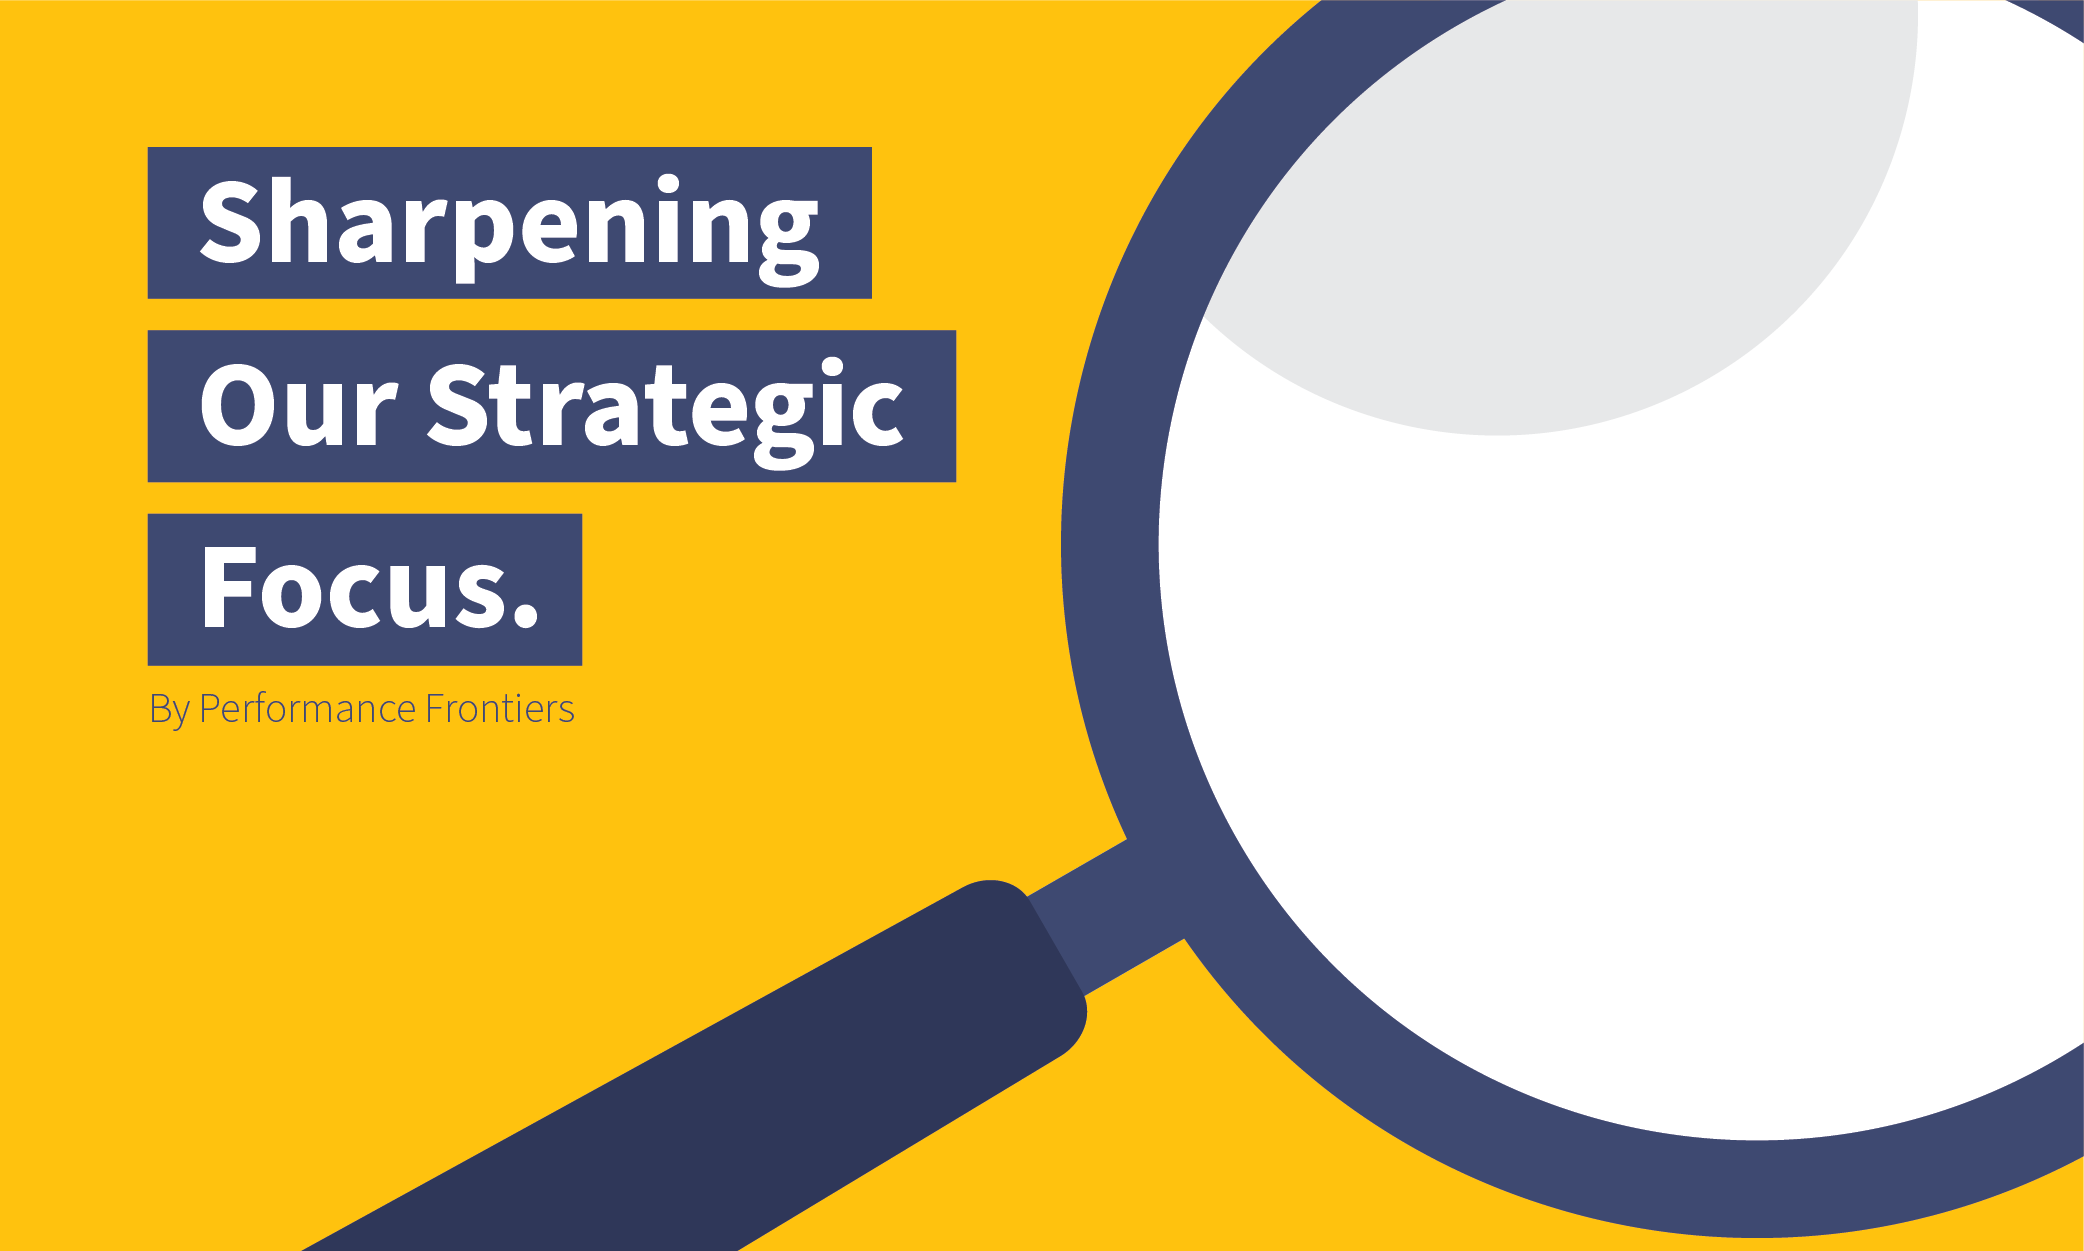 Sharpening our Strategic Focus